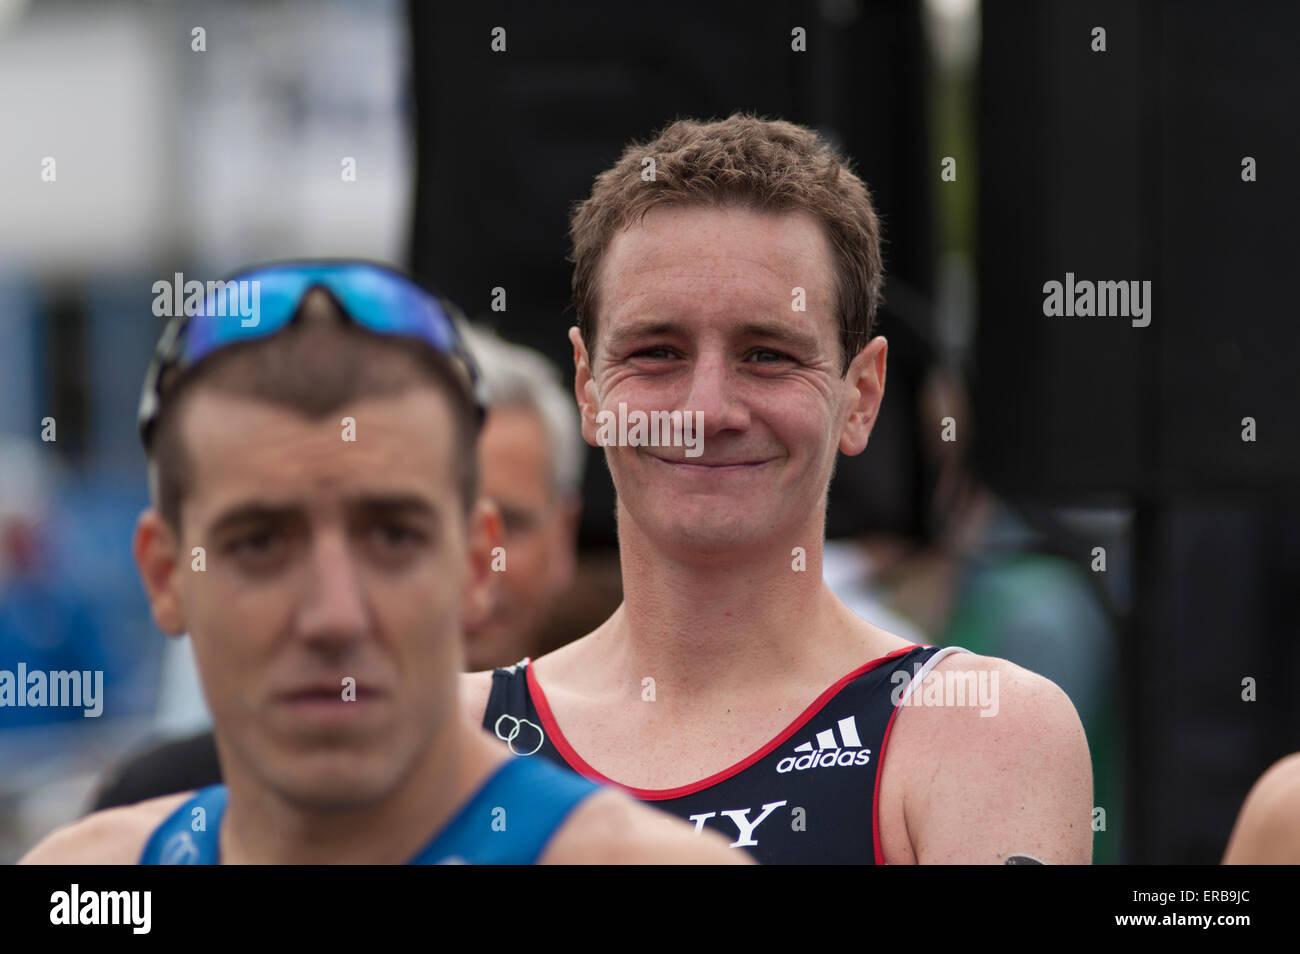 Hyde Park, London, Regno Unito. 31 Maggio, 2015. Parte dell'ITU Triathlon World Series, Uomini Elite di gara Immagini Stock